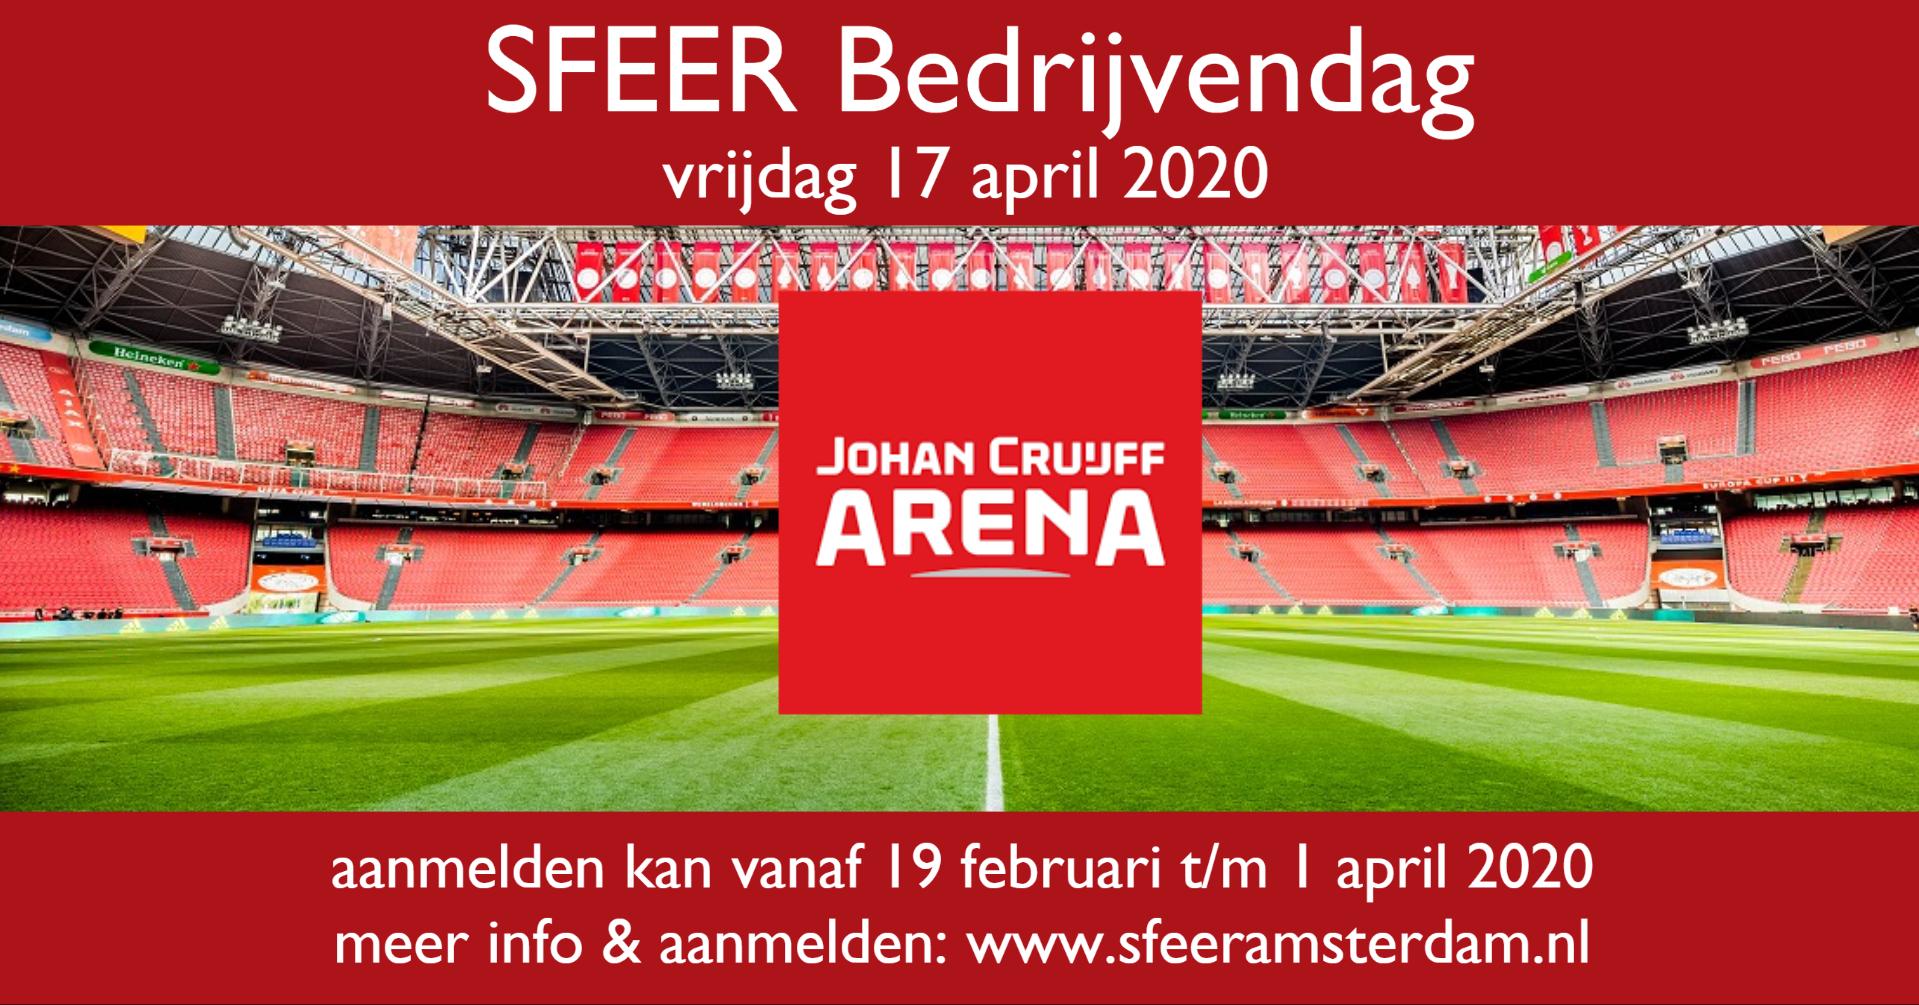 SFEER Bedrijvendag 2020